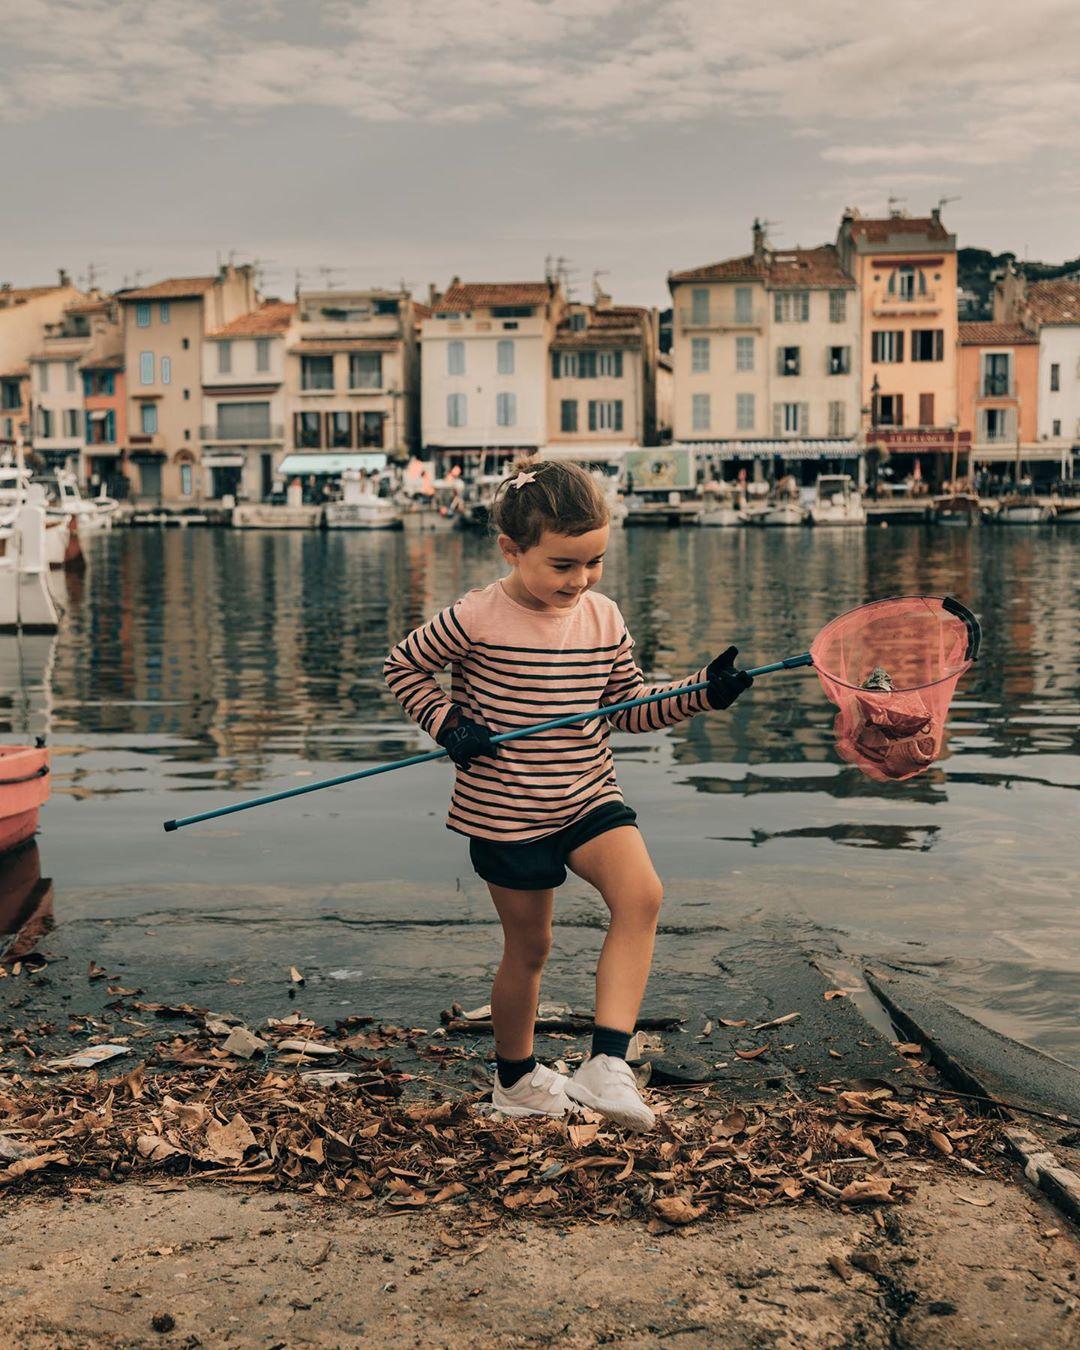 Путешествия и приключения на снимках Симоне Арманни